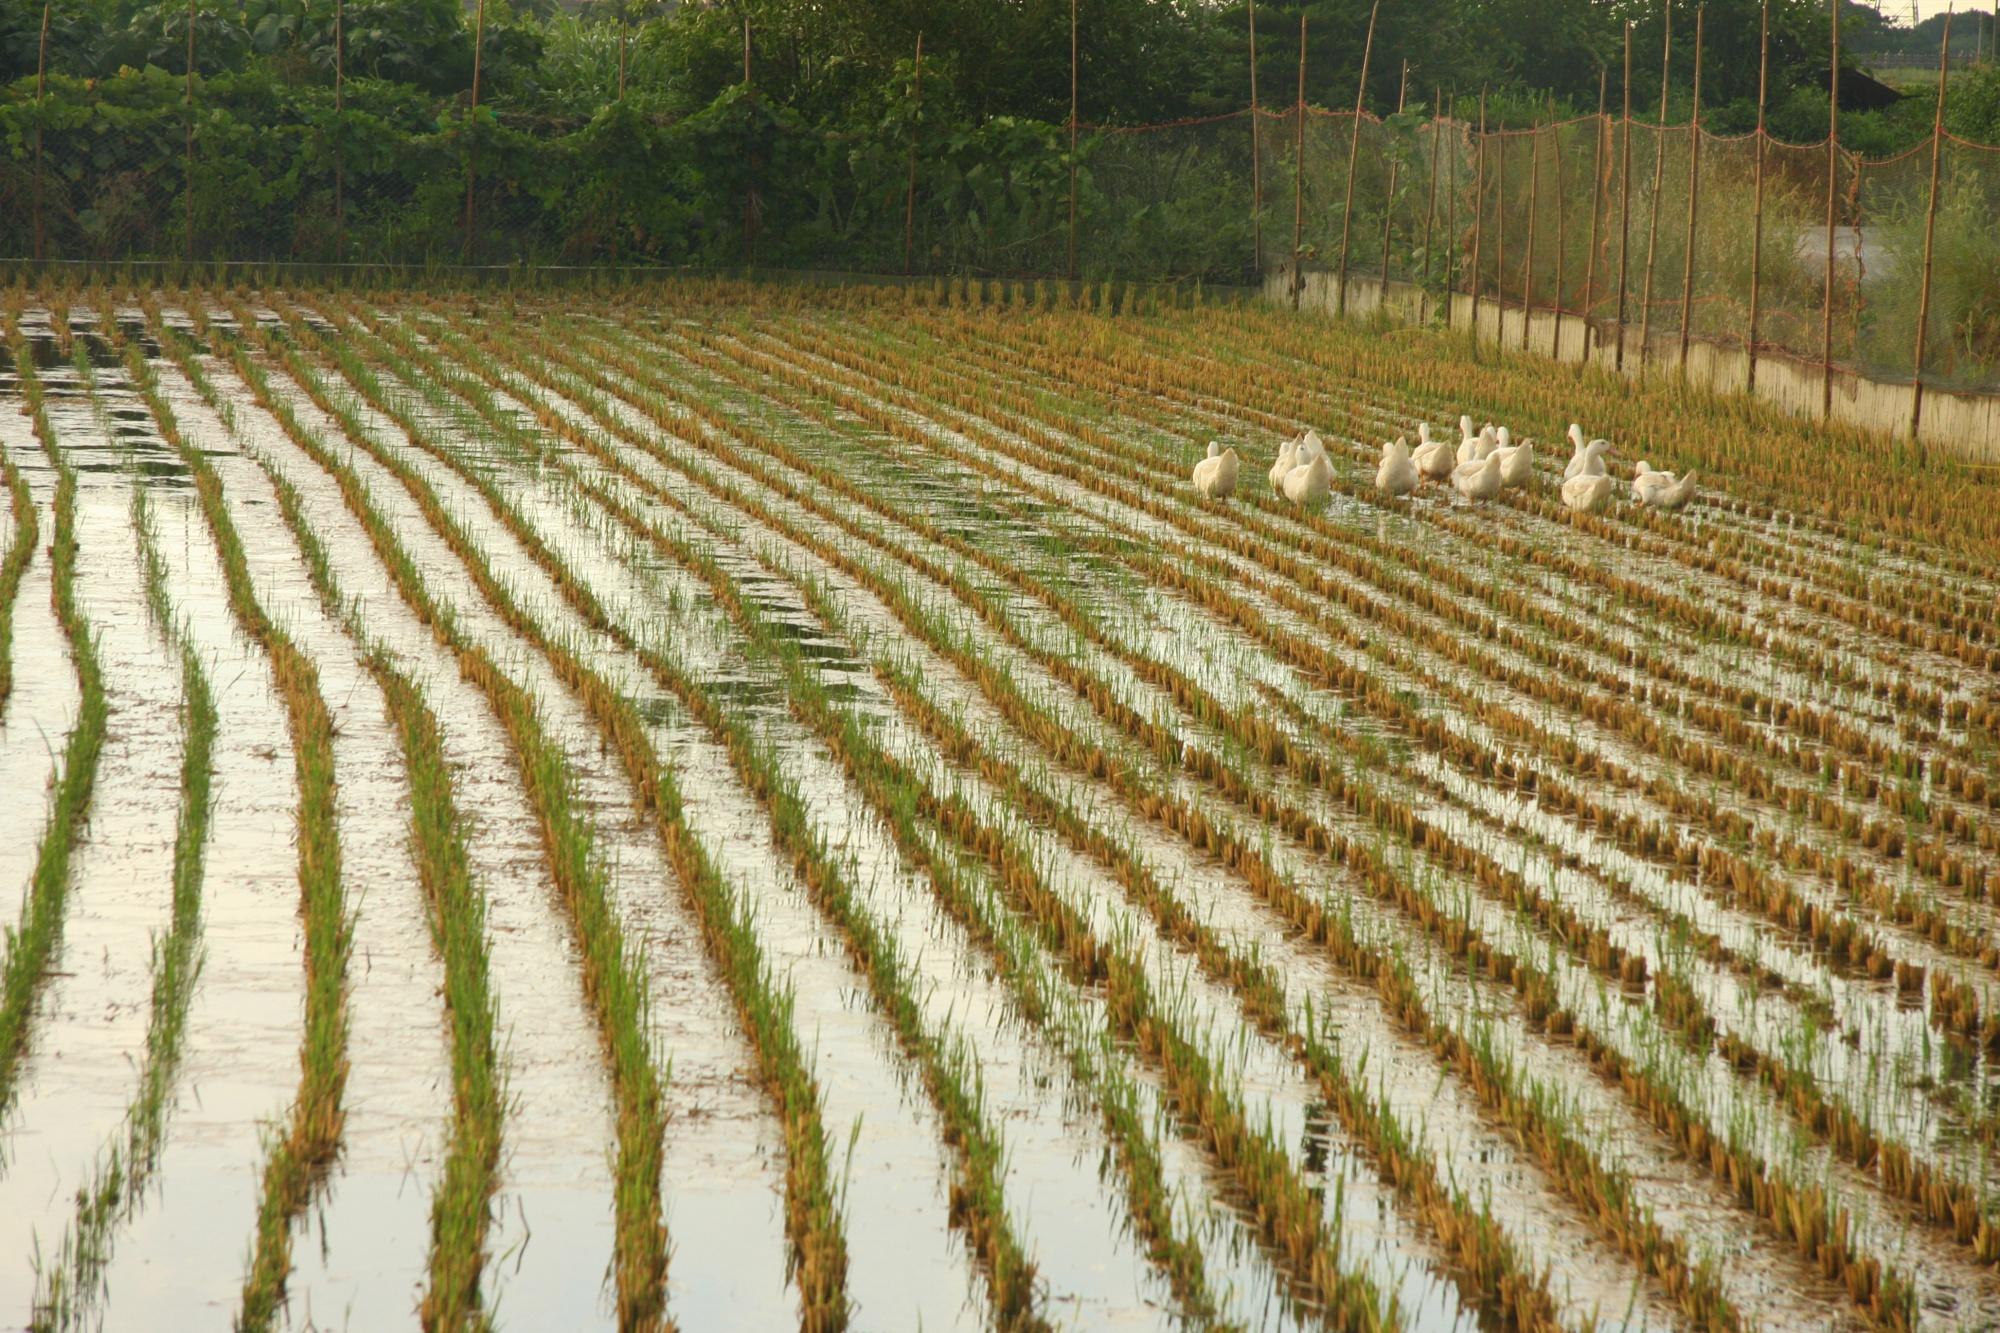 北港水埔里生產幸蝠米的田, 沒有使用農藥